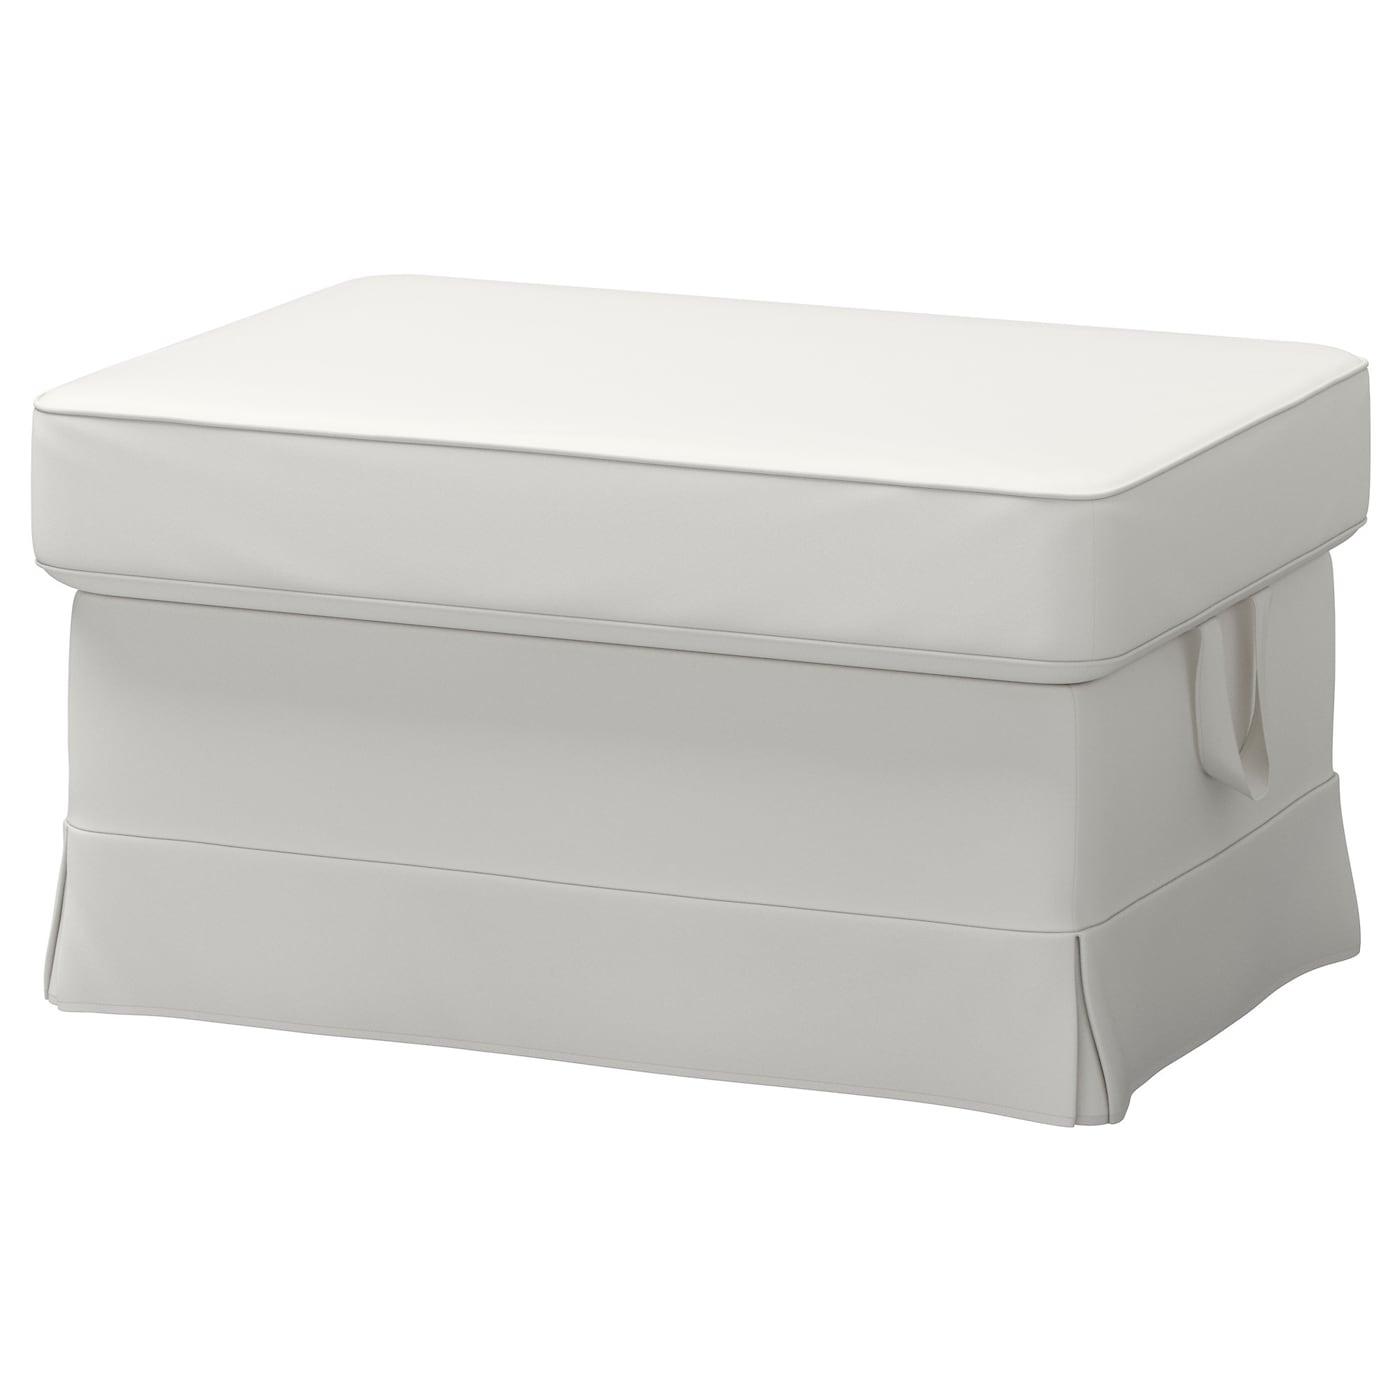 Ektorp repose pieds vittaryd blanc ikea - Repose pied bureau ikea ...